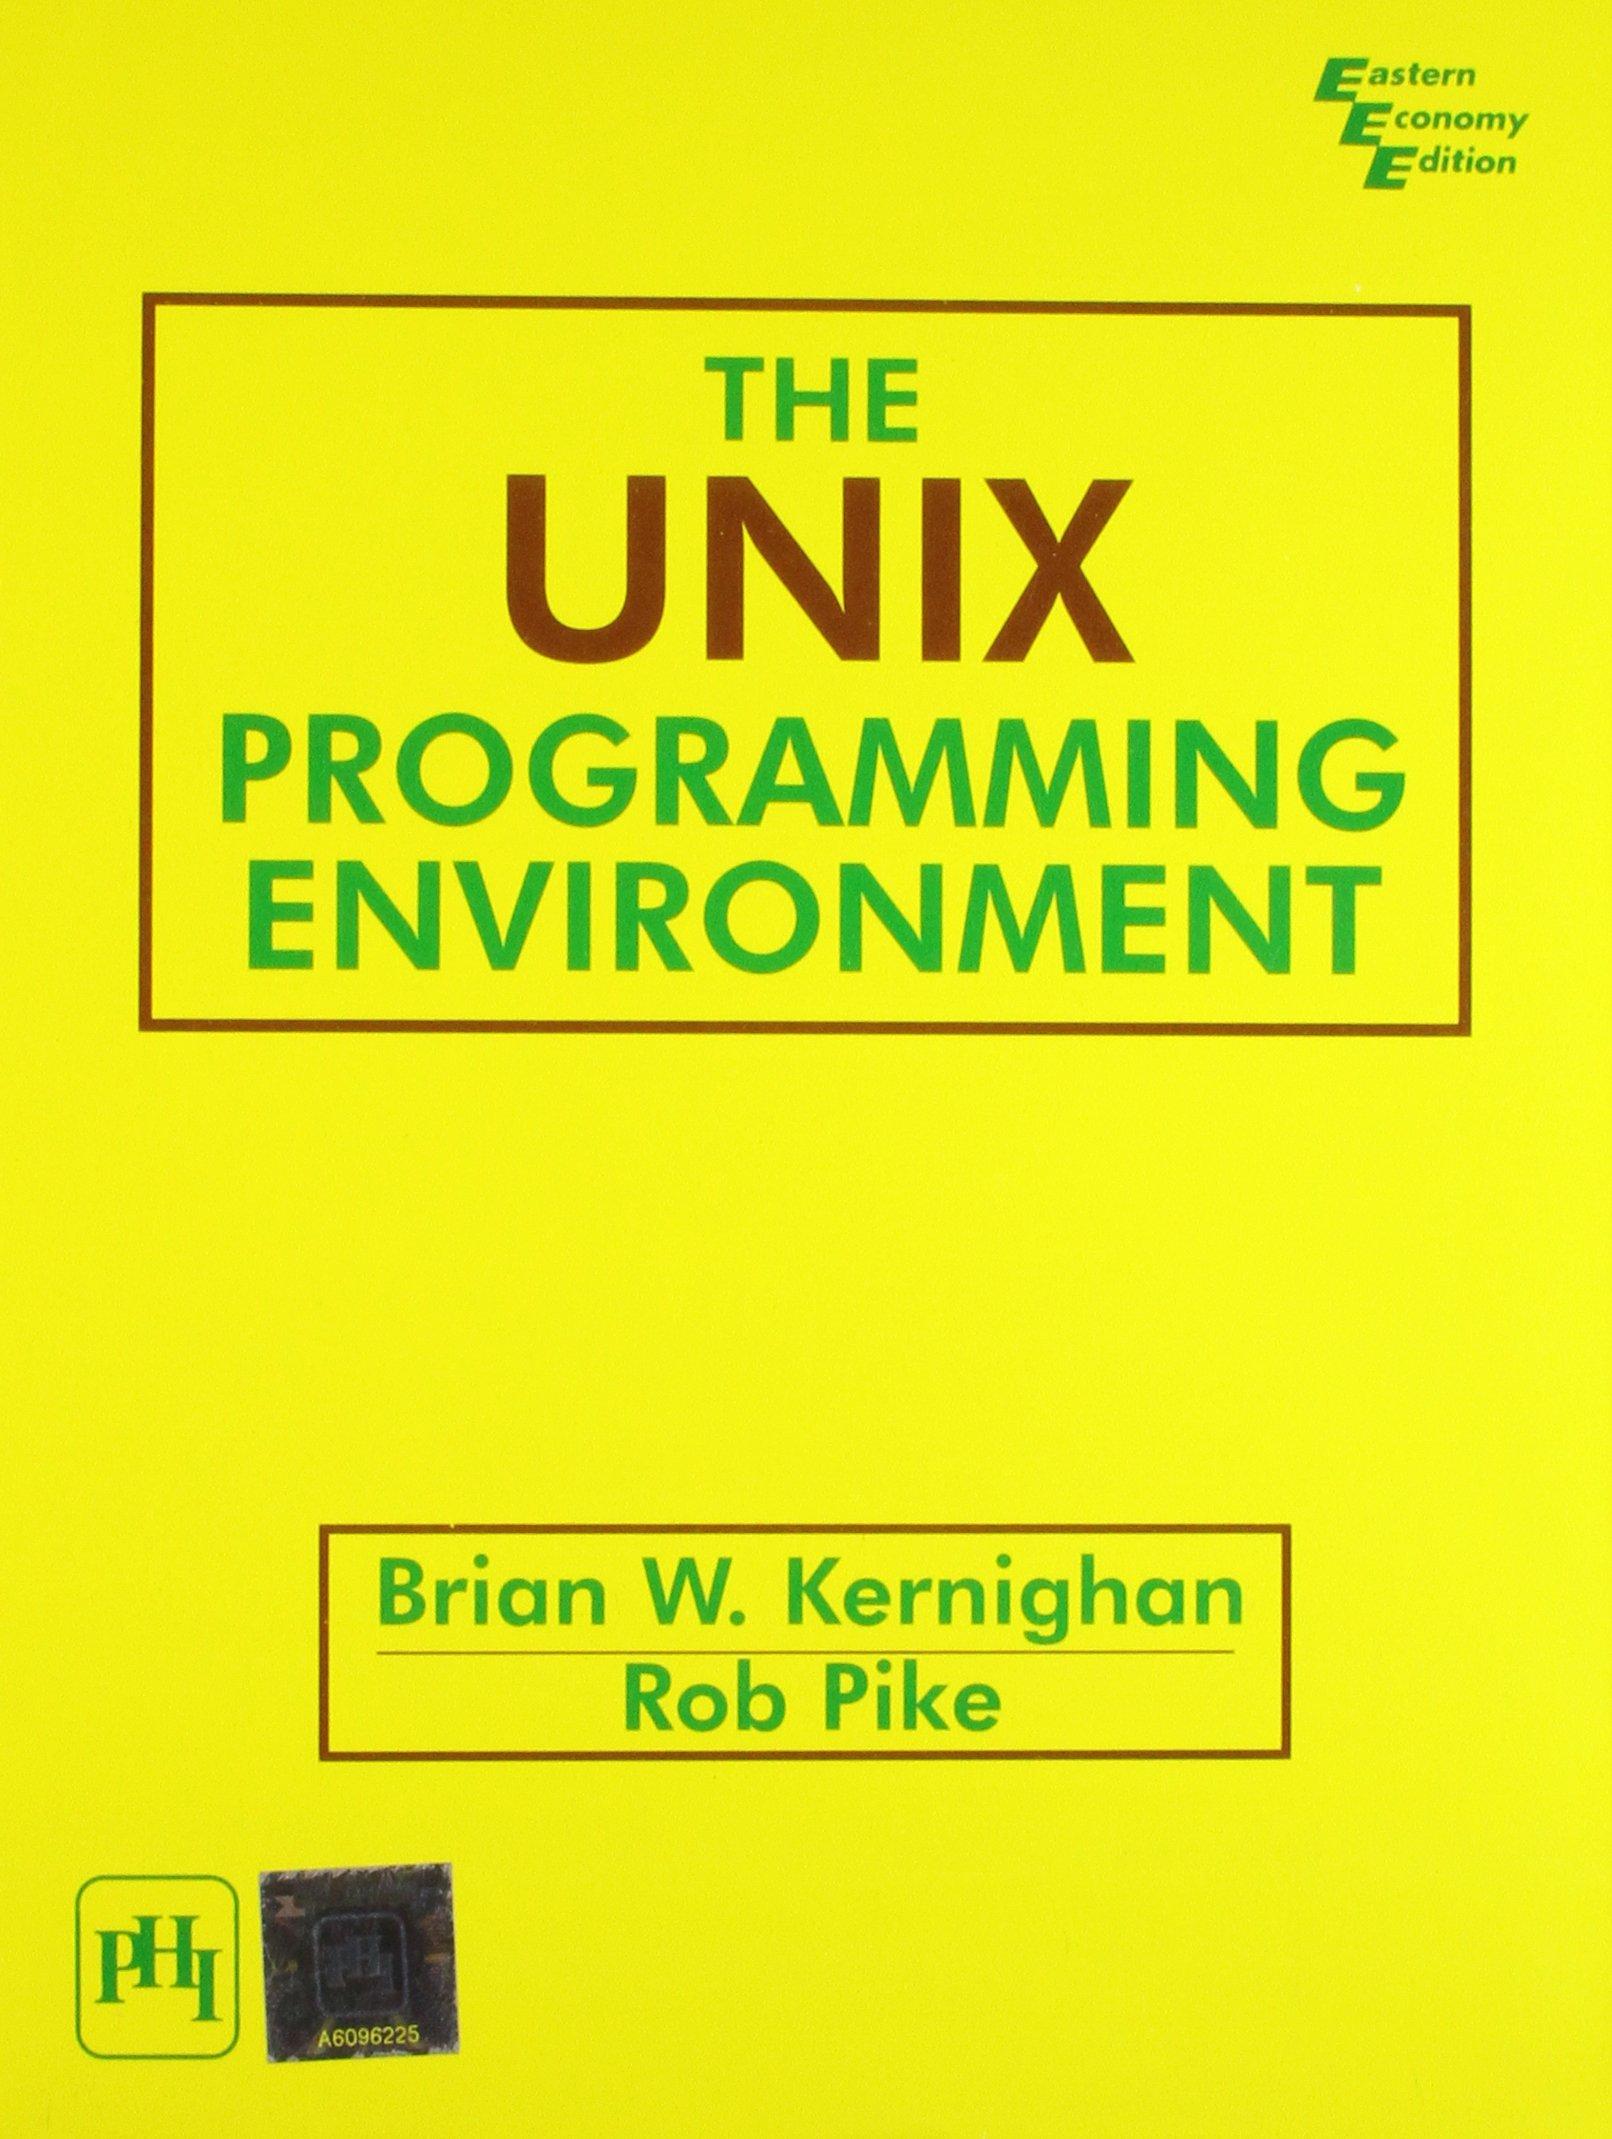 The Unix Programming Environment: PIKE ROB KERNIGHAN BRIAN W.:  9788120304994: Amazon.com: Books